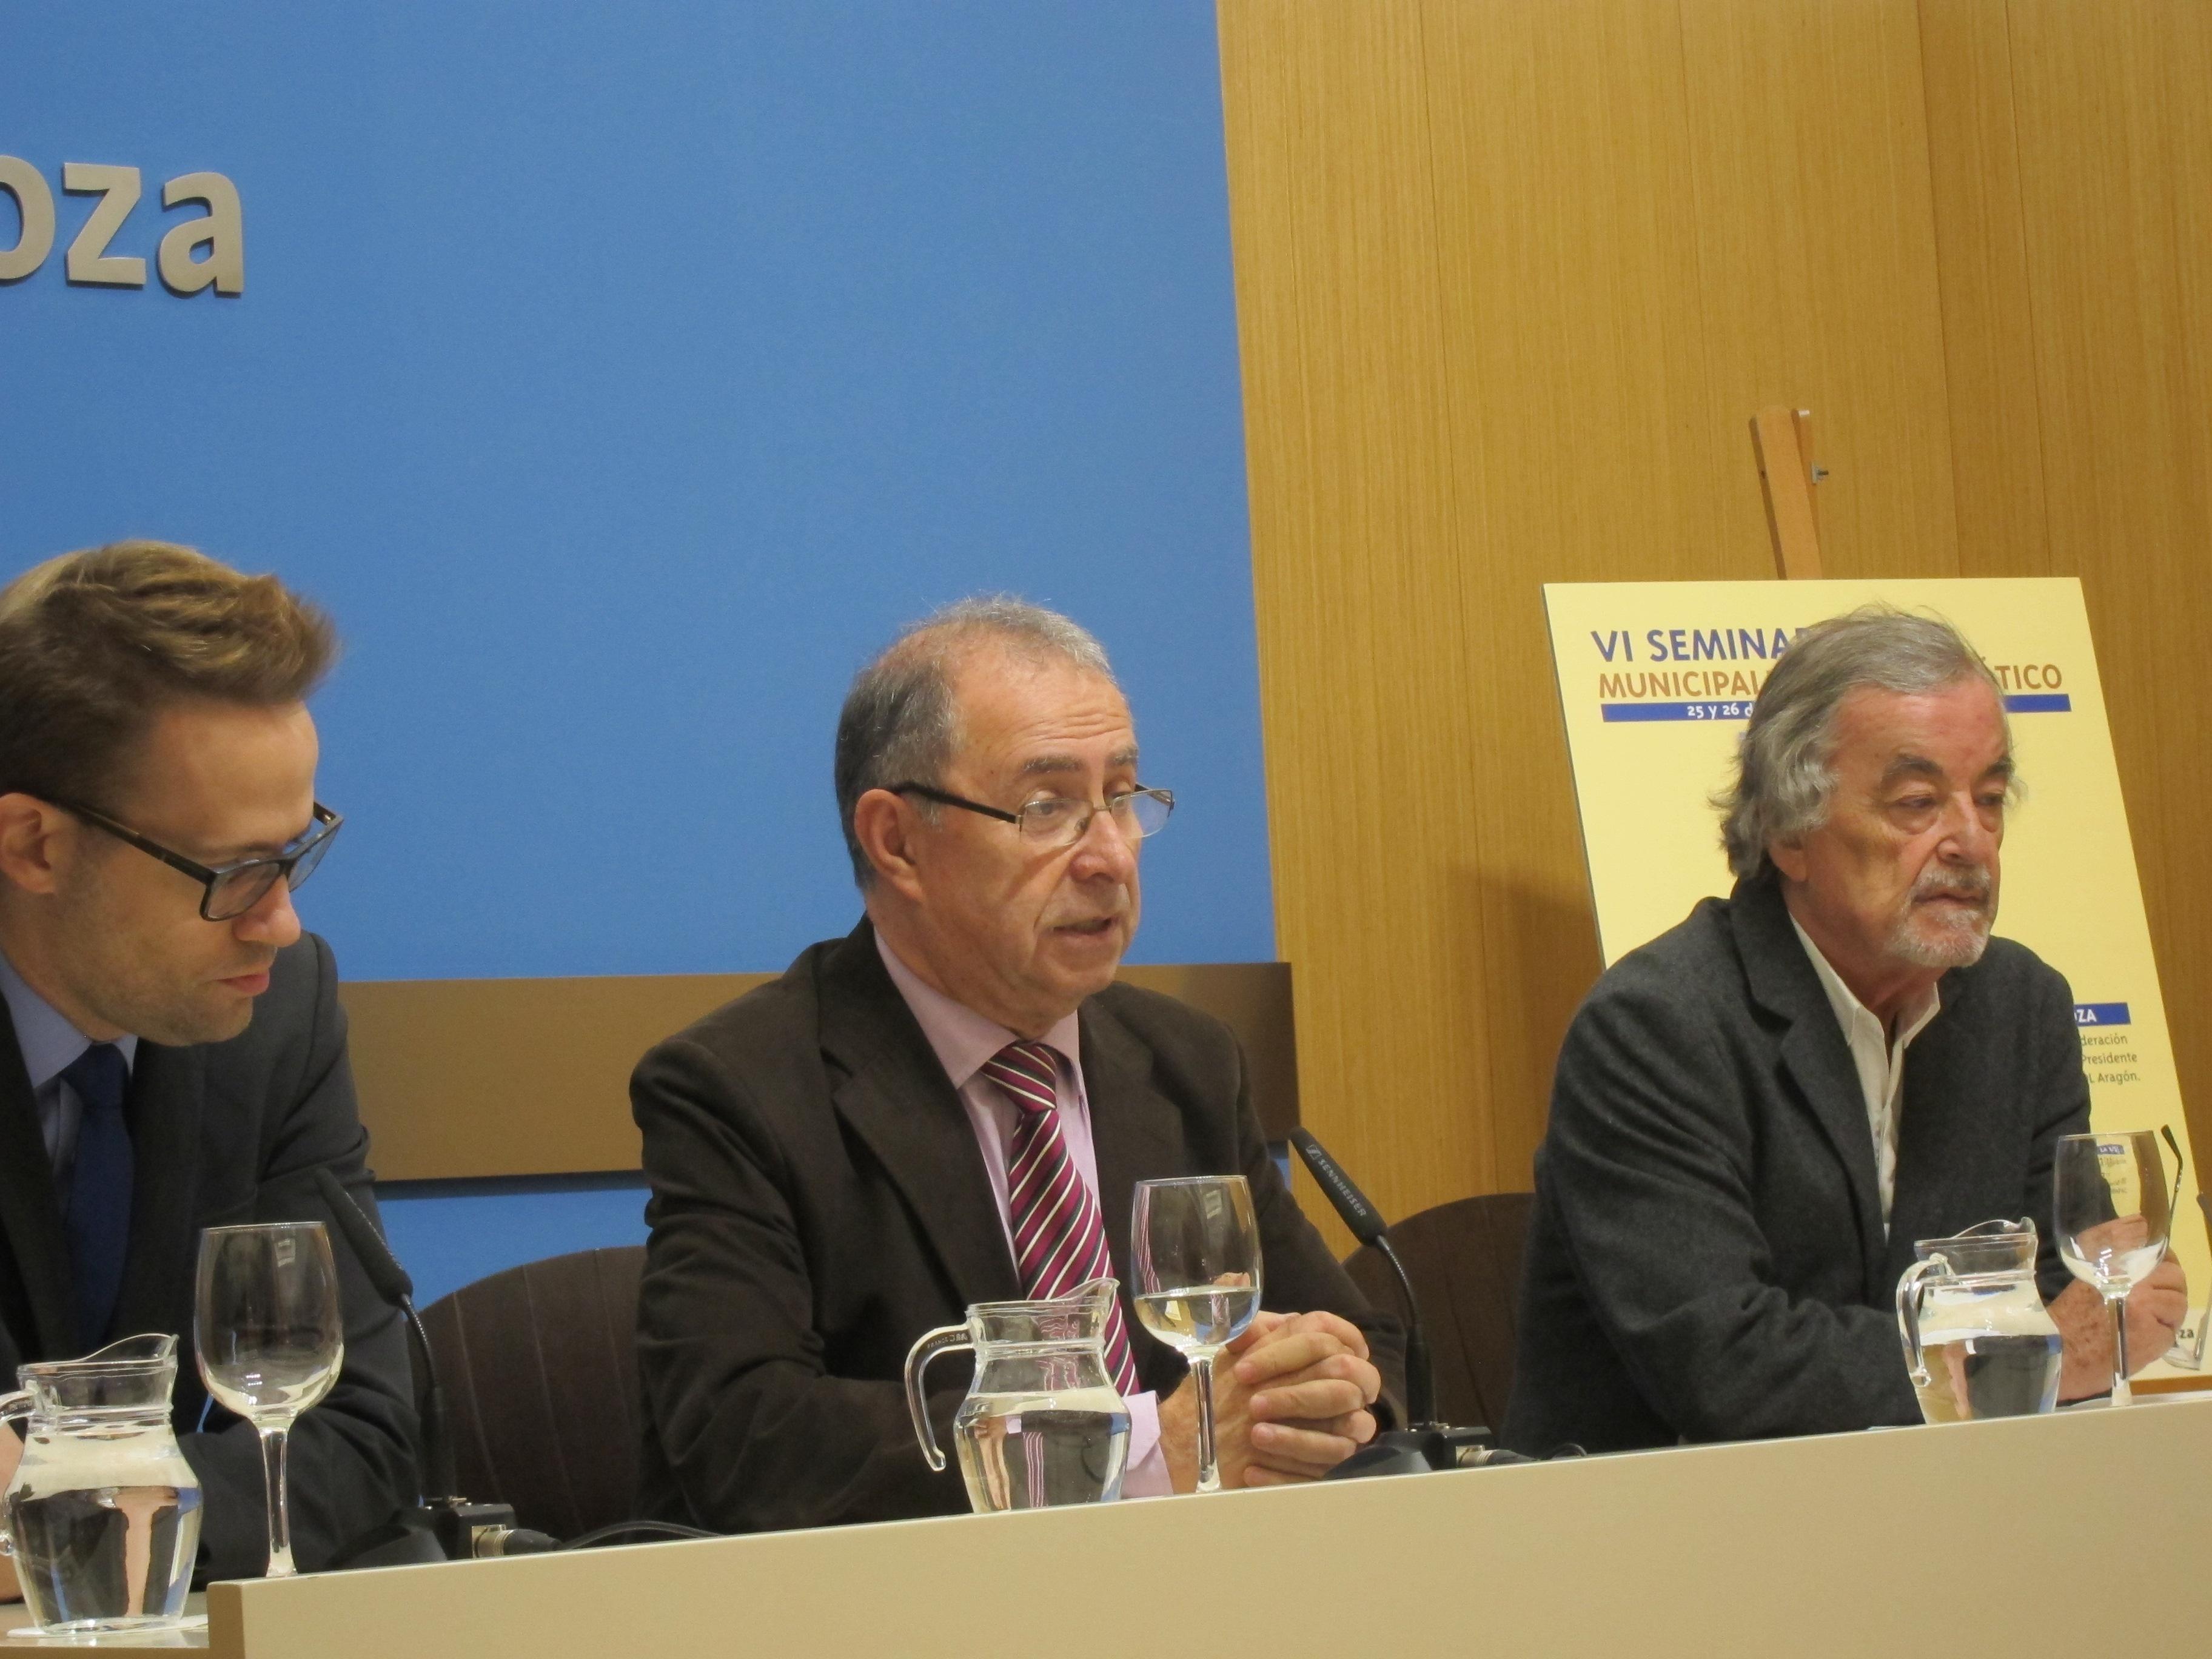 La Asociación de exconcejales democráticos homenajeará al exalcalde recientemente fallecido, José Atarés